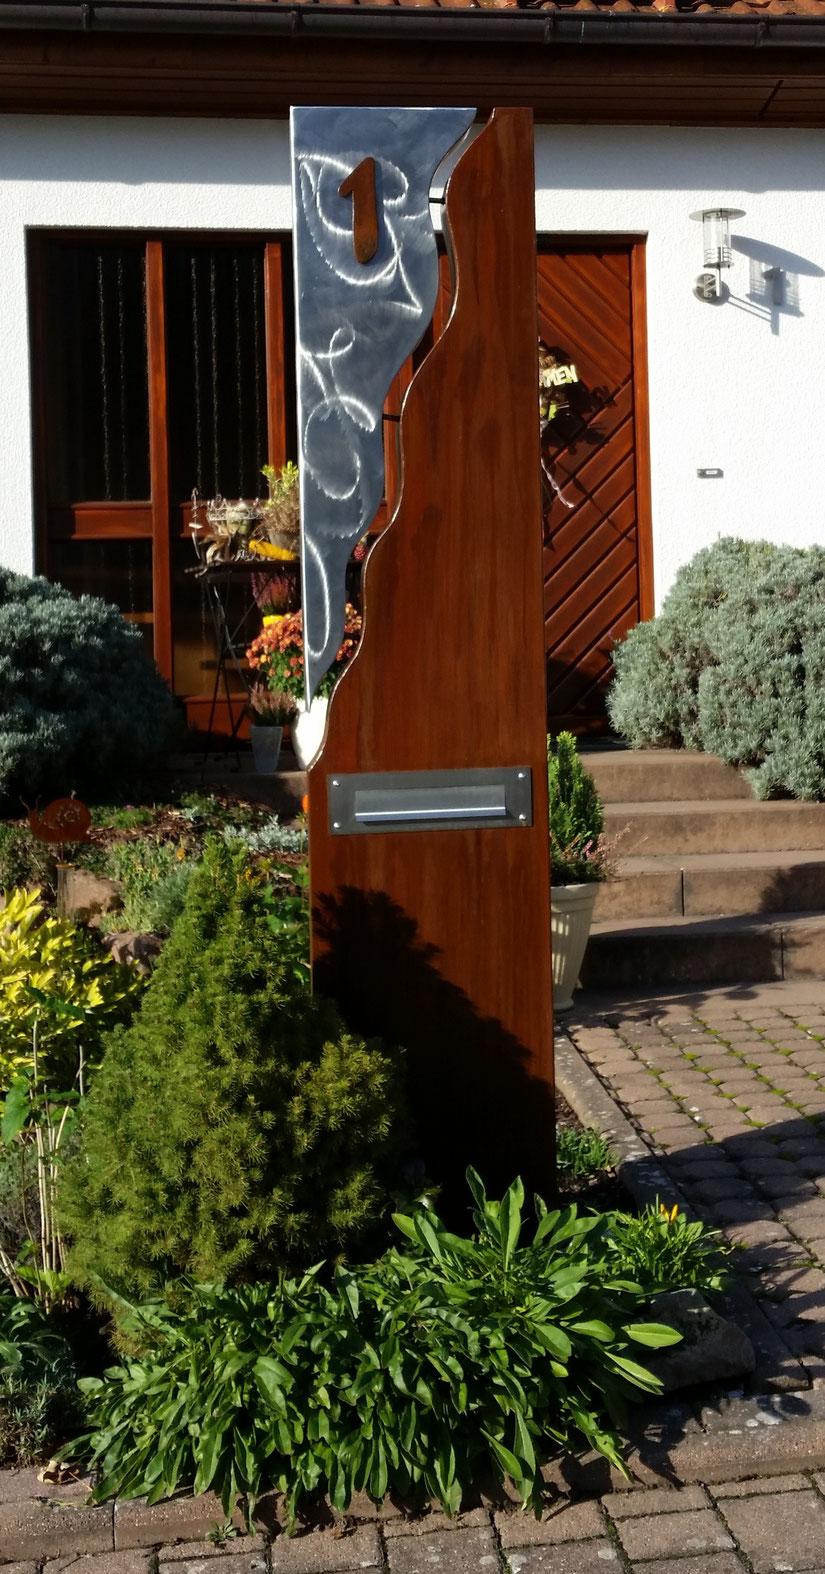 Briefkasten-Säule bestehend aus einer Kombination von Stahl u. Edelstahl.